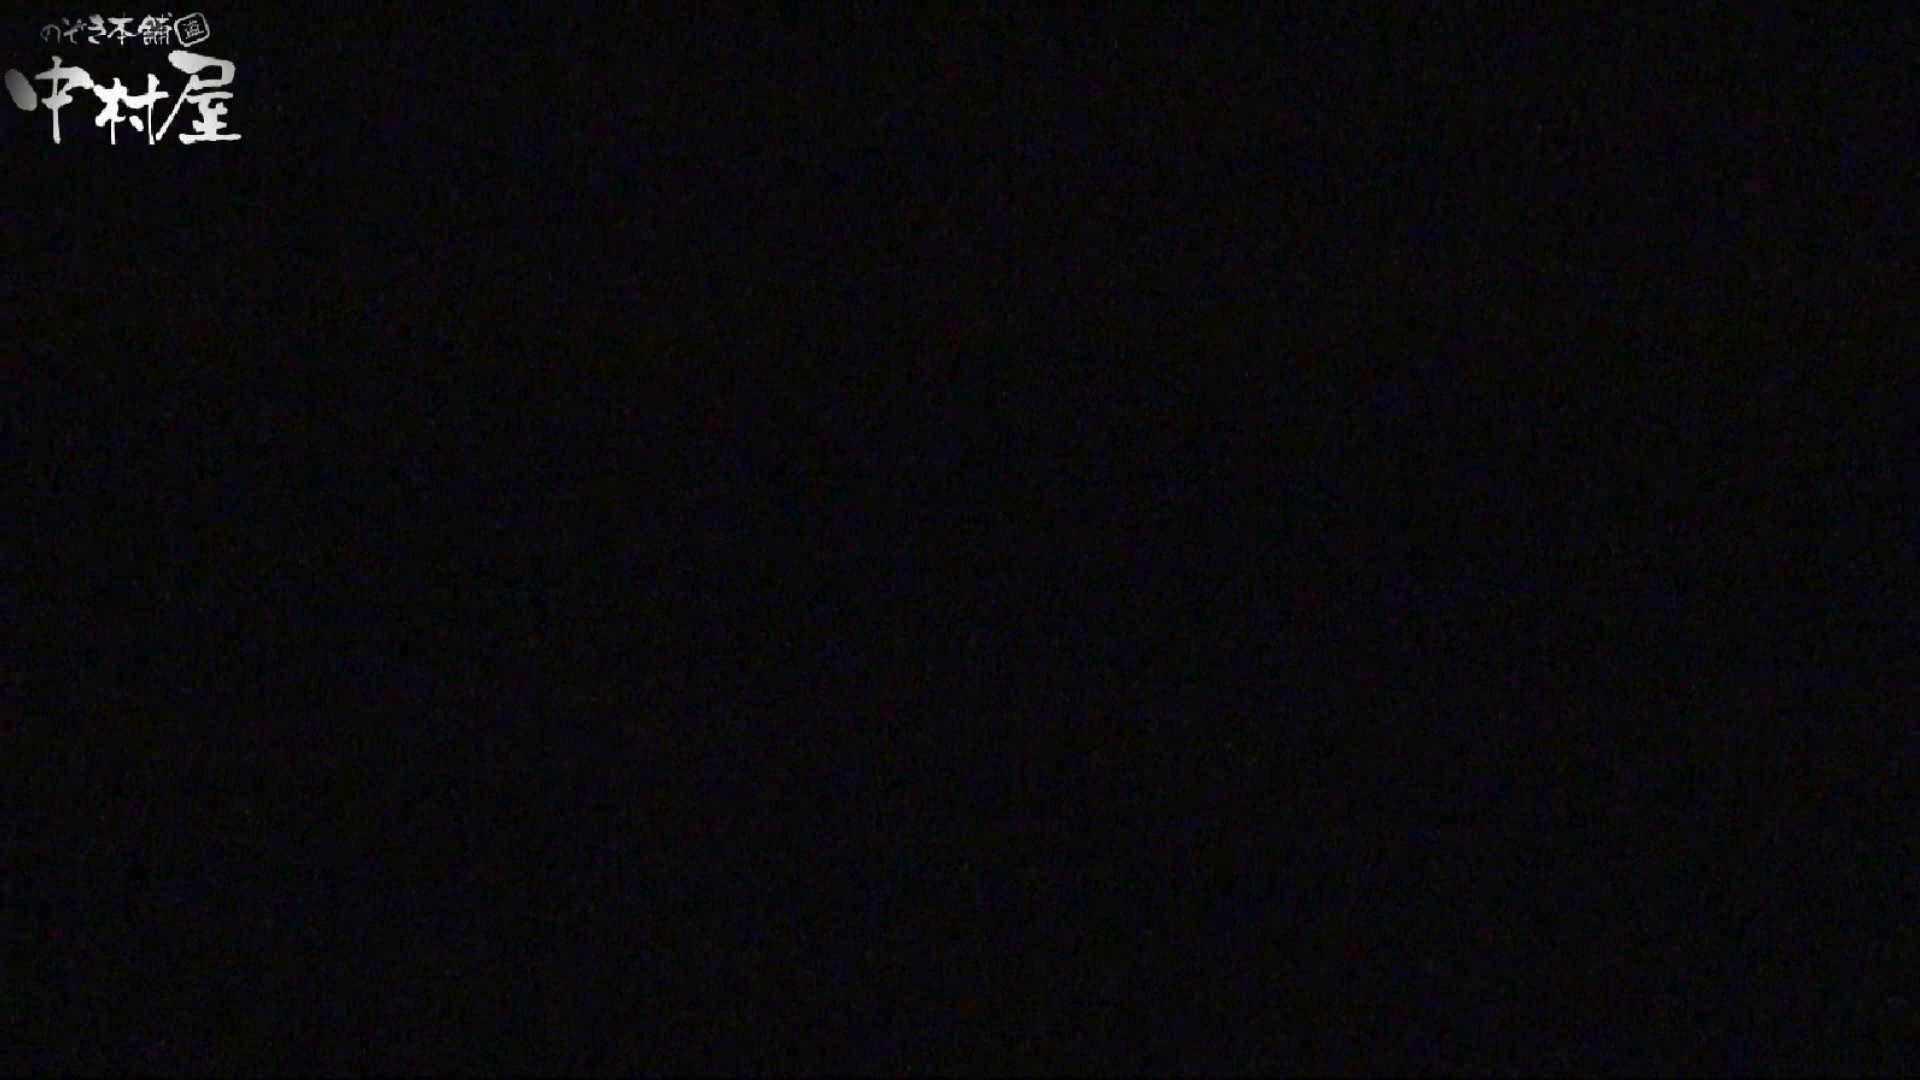 民家風呂専門盗撮師の超危険映像 vol.027 美女丸裸 盗み撮り動画キャプチャ 84pic 3